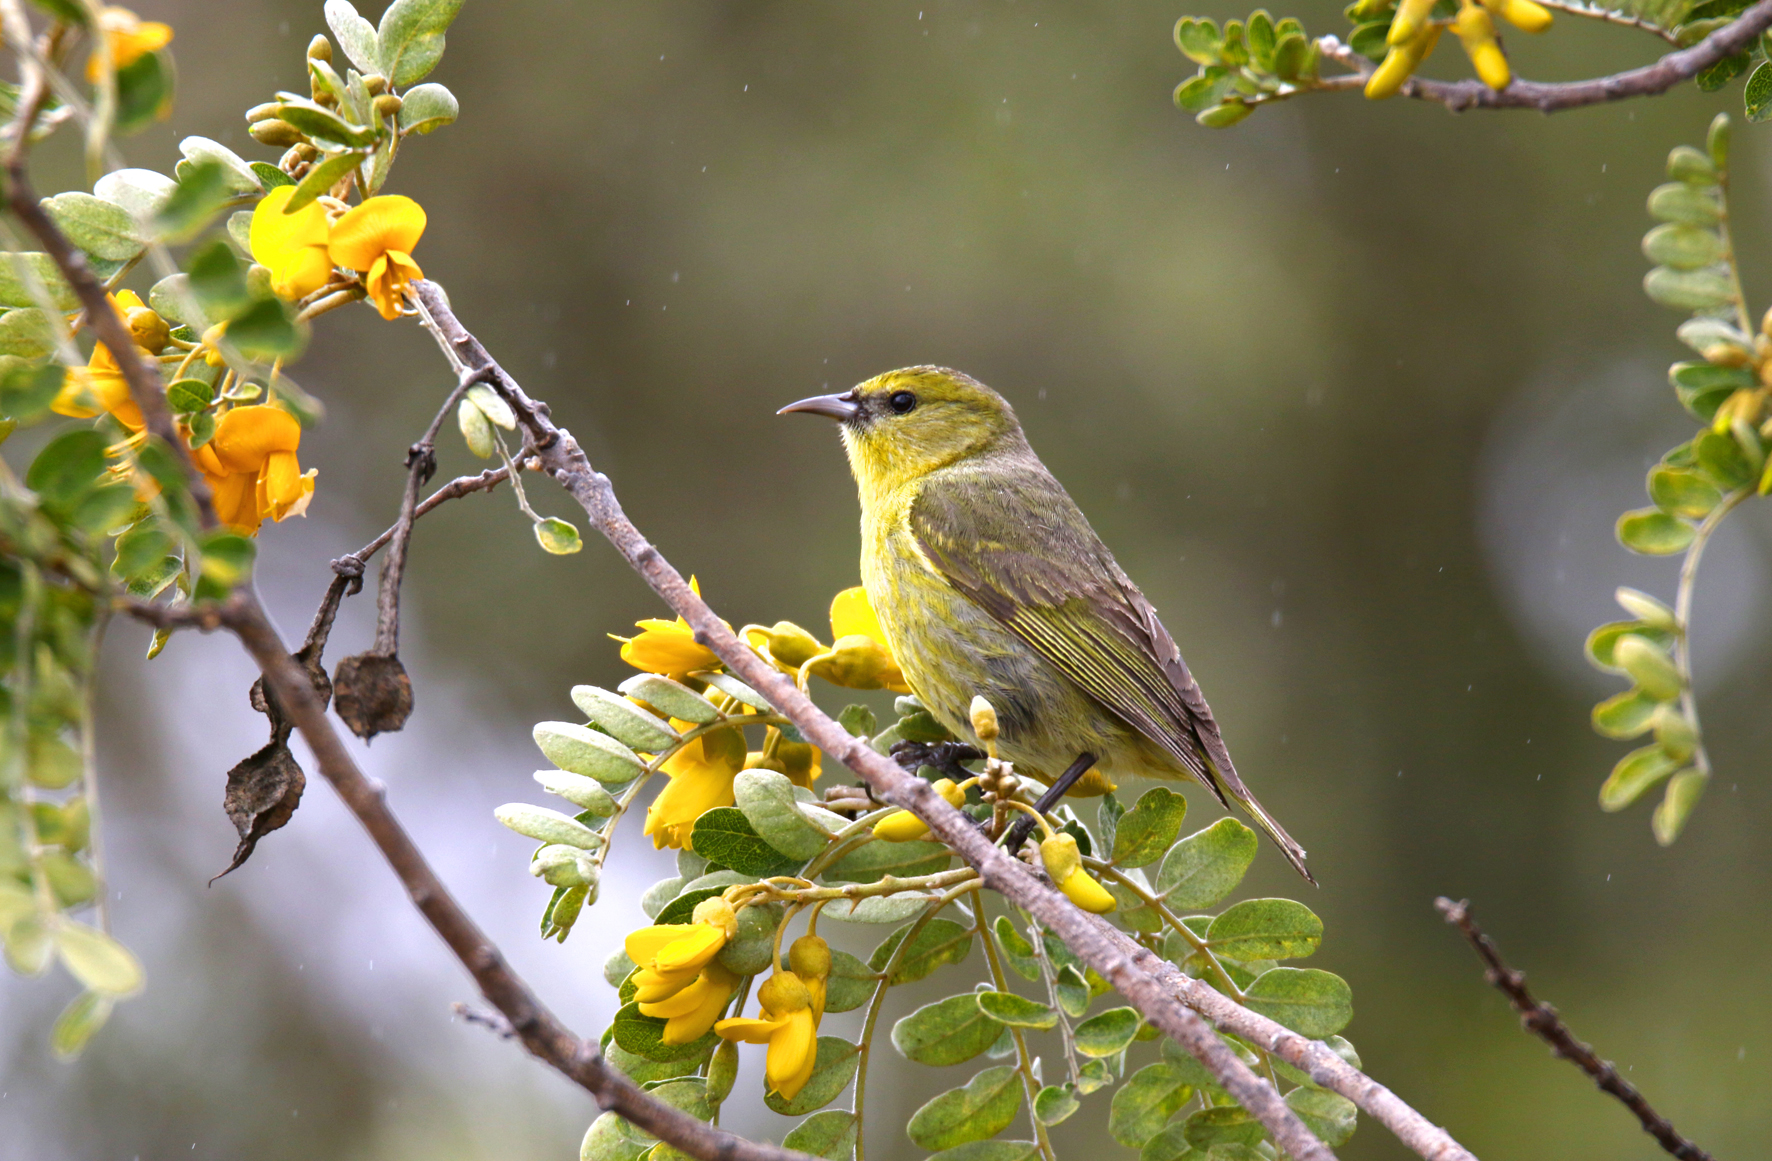 Uno de los pájaros mieleros estudiados en Hawai. Imagen: UMH